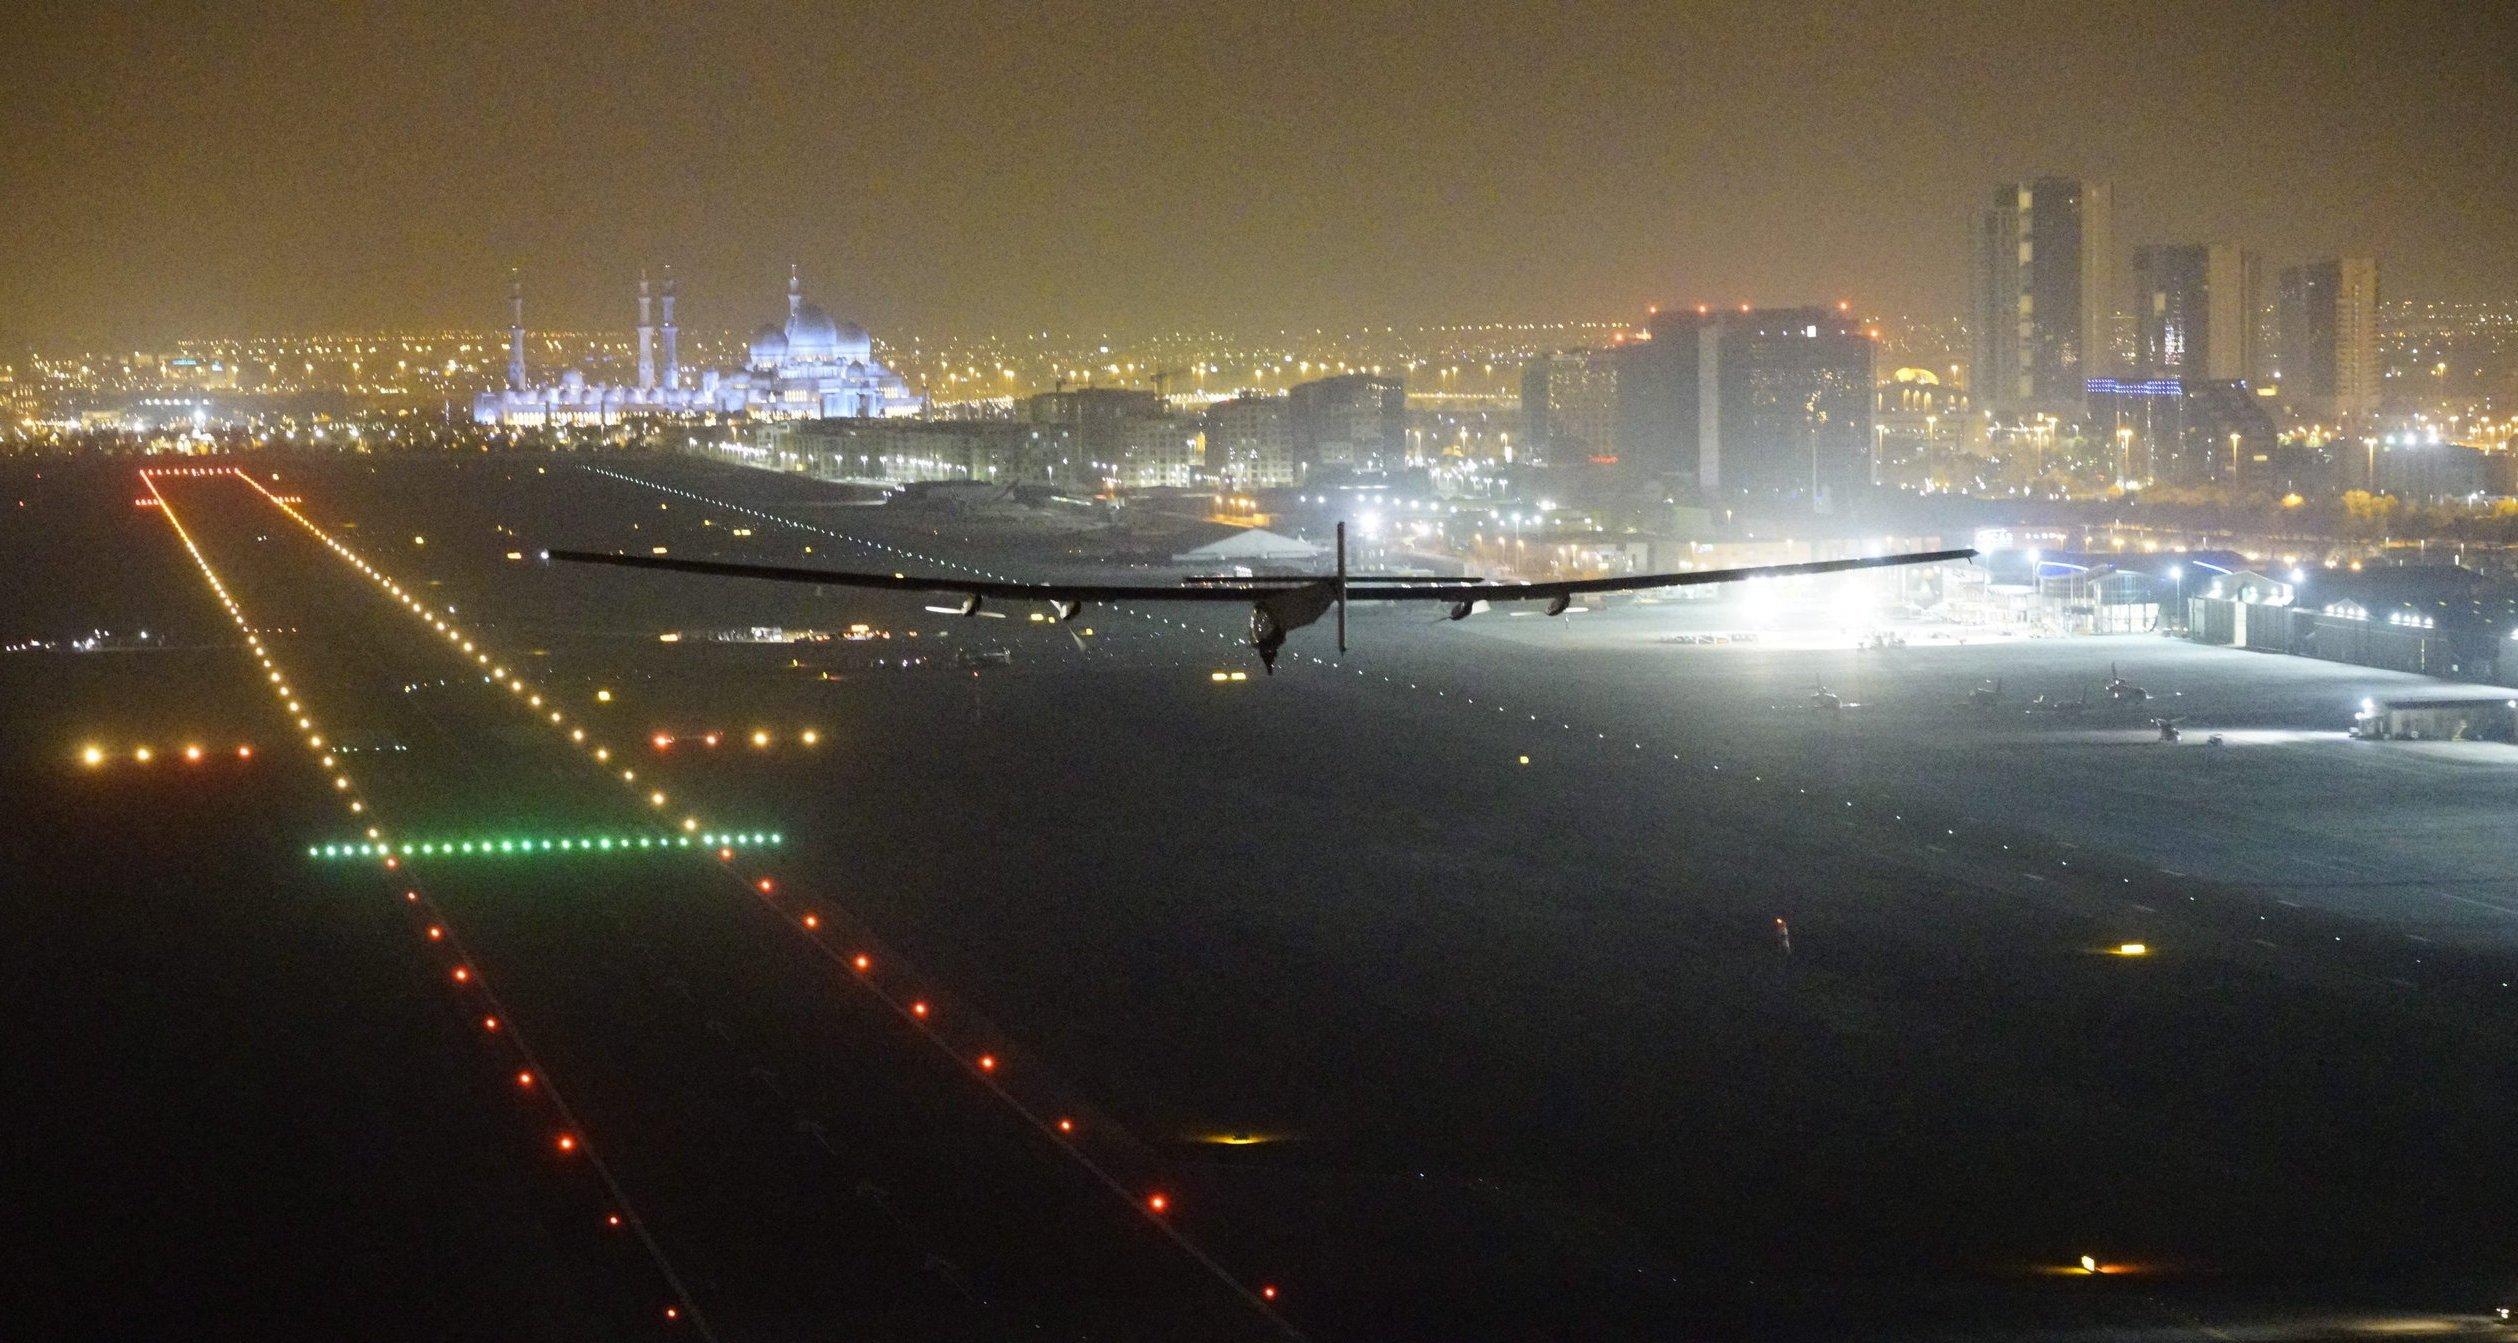 Die Solar Impulse 2 landete um 4.05 Uhr Ortszeit in Abu Dhabi. Das Solarflugzeug hat in einem Jahr und vier Monaten einmal die Welt umflogen und dabei 43.041 km zurückgelegt.